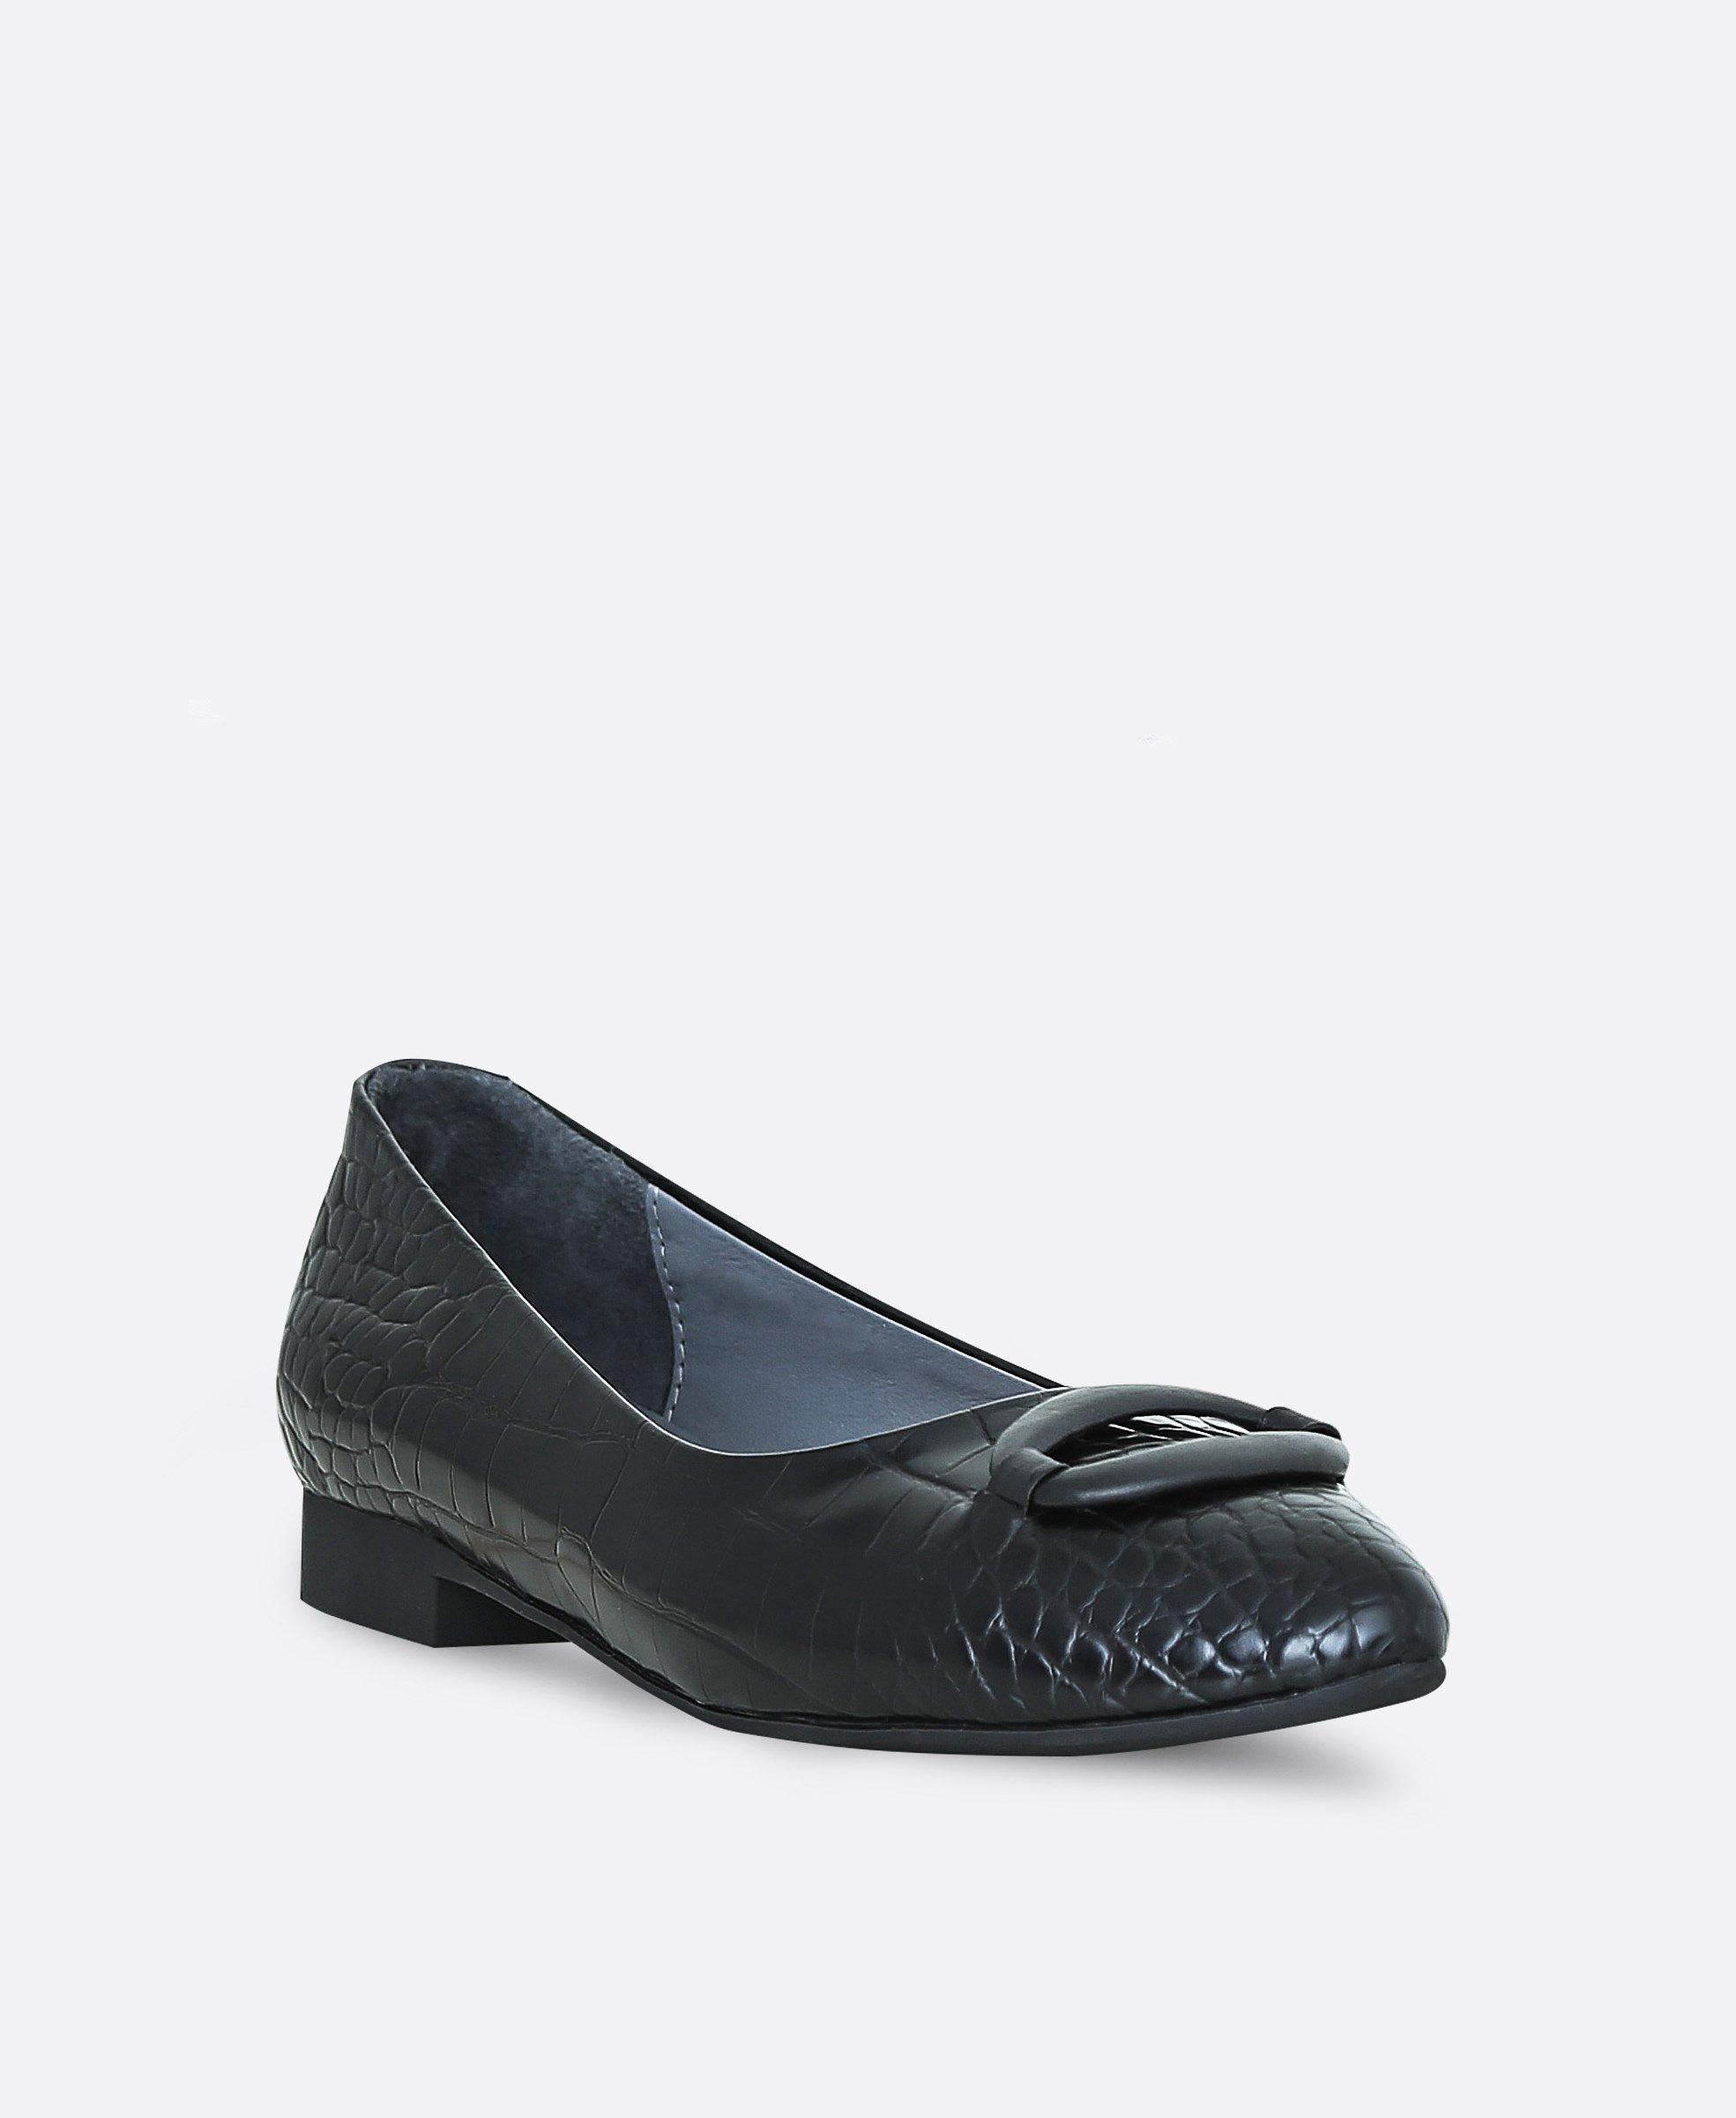 کفش زنانه 0714